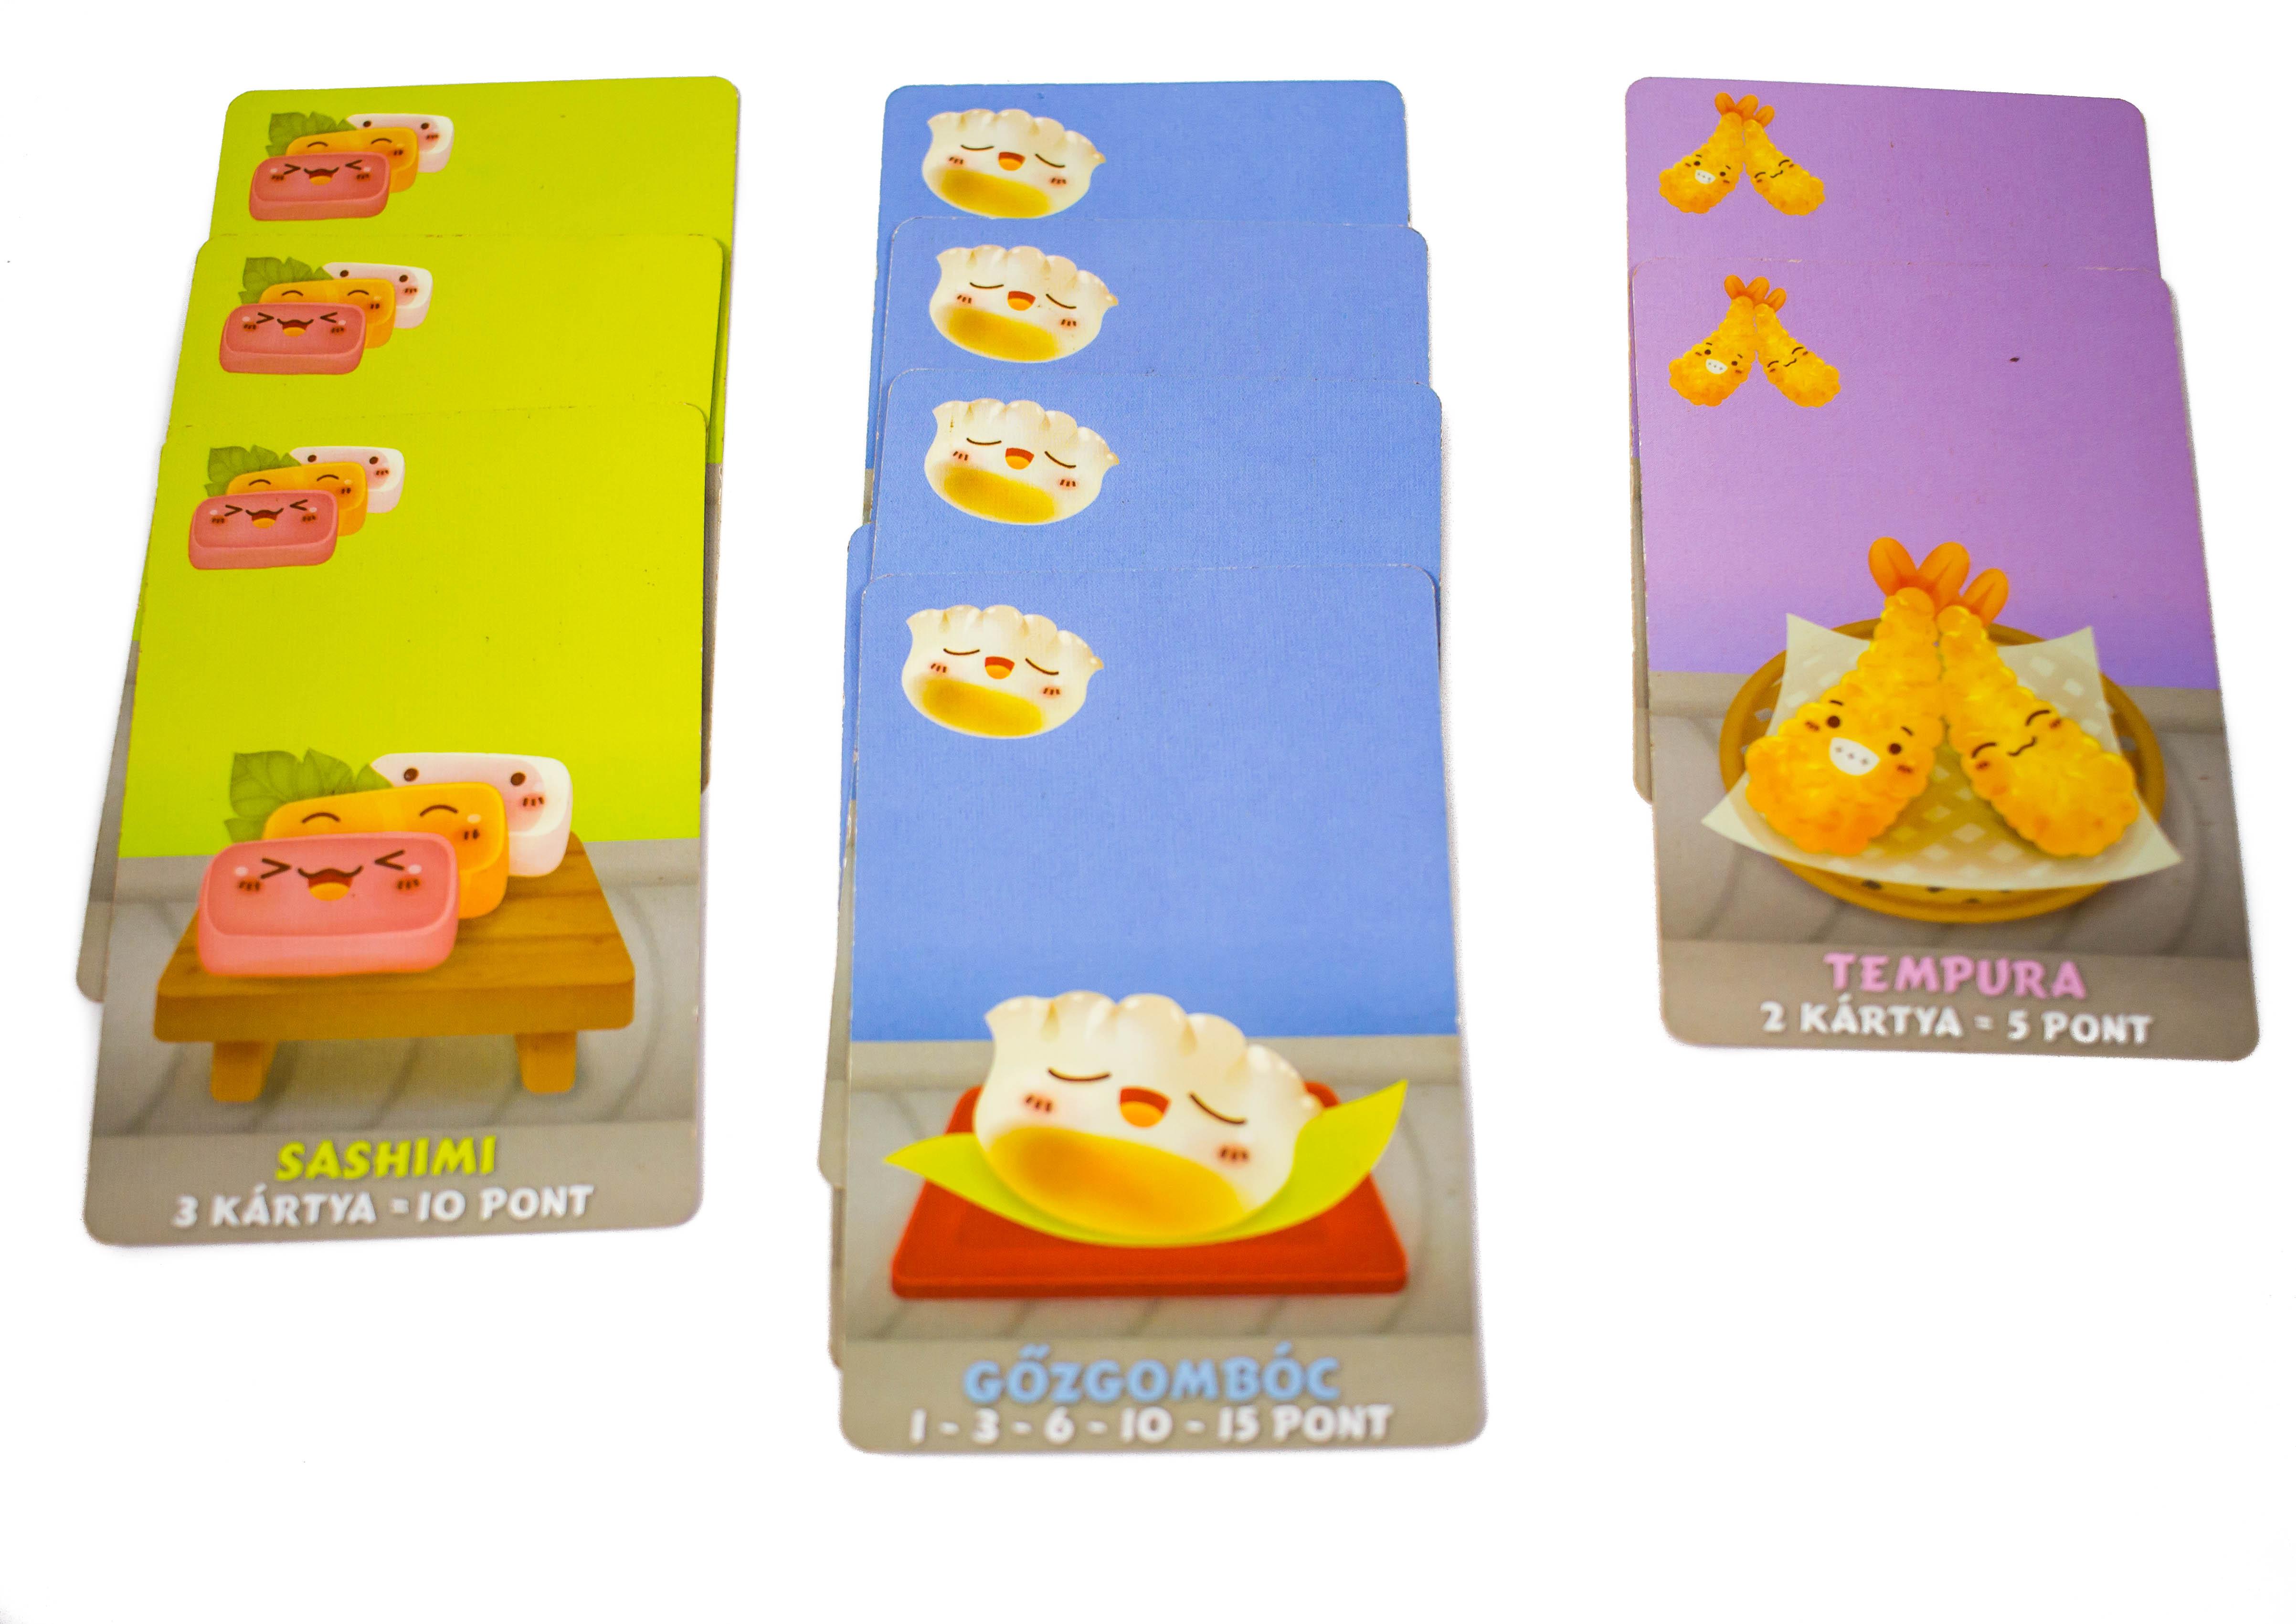 A kártyák alján rövid leírások találhatóak, ezek minden kártya pontozási elvét röviden összefoglalják.